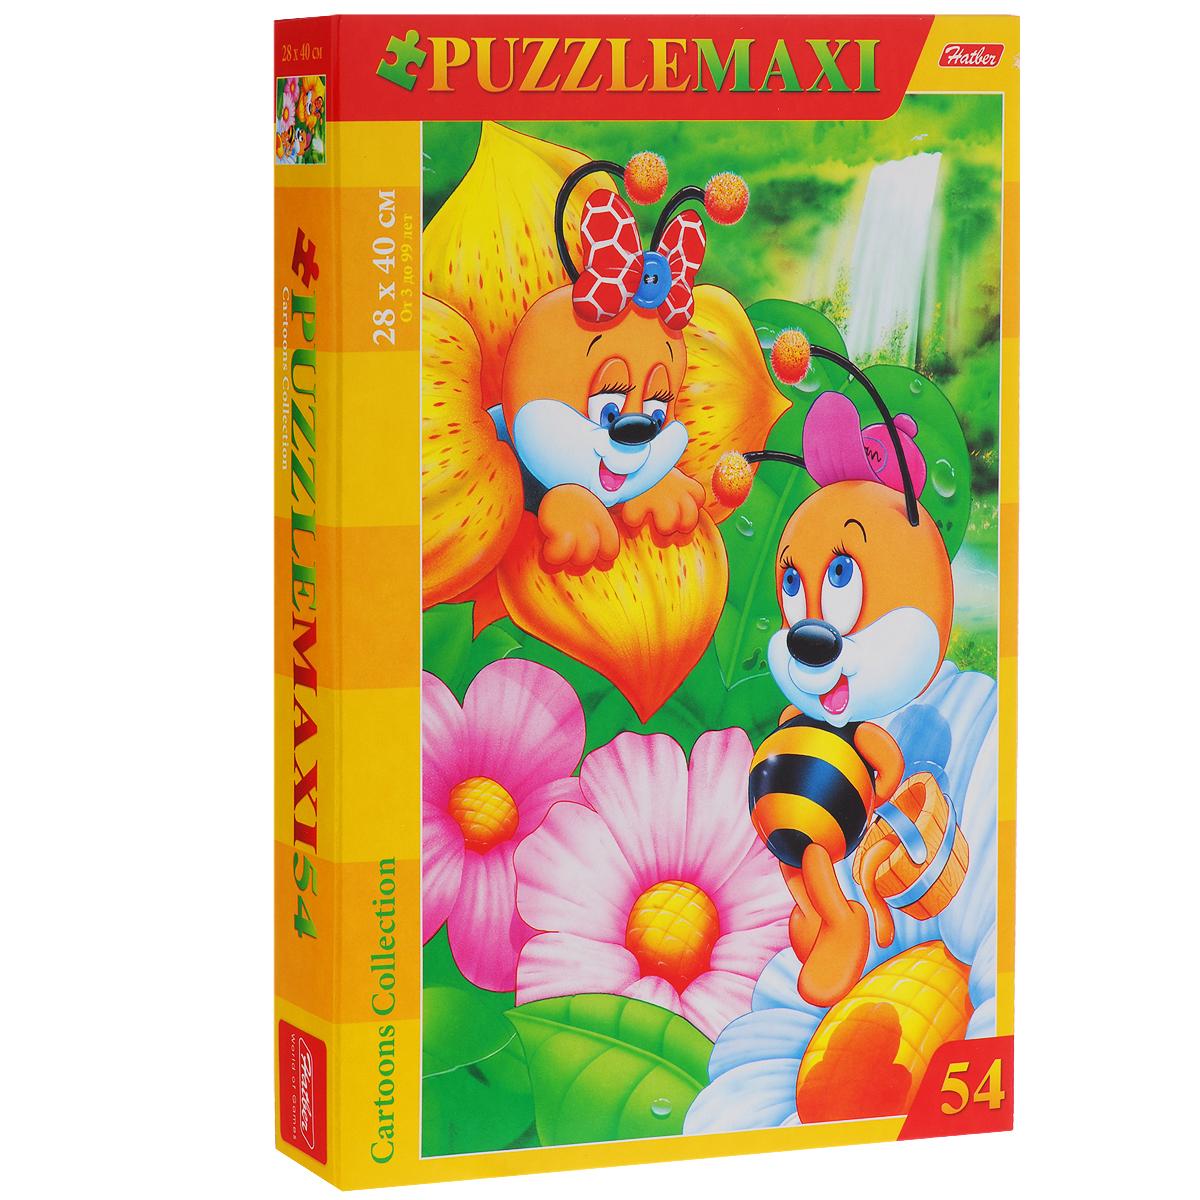 Пчелки. Пазл, 54 элемента54ПЗ3_00206Пазл Пчелки, без сомнения, придется по душе вашему ребенку. Собрав пазл, вы получите яркую, насыщенную картинку с изображением трудолюбивых насекомых. Пазлы - замечательная игра для всей семьи. Сегодня собирание пазлов стало особенно популярным, главным образом, благодаря своей многообразной тематике, способной удовлетворить самый взыскательный вкус. Собирание пазла развивает у детей мелкую моторику рук, тренирует наблюдательность, логическое и образное мышление, знакомит с окружающим миром, с цветом и разнообразными формами, учит усидчивости и терпению, аккуратности и вниманию. Получившееся яркое изображение станет отличным украшением вашего интерьера.